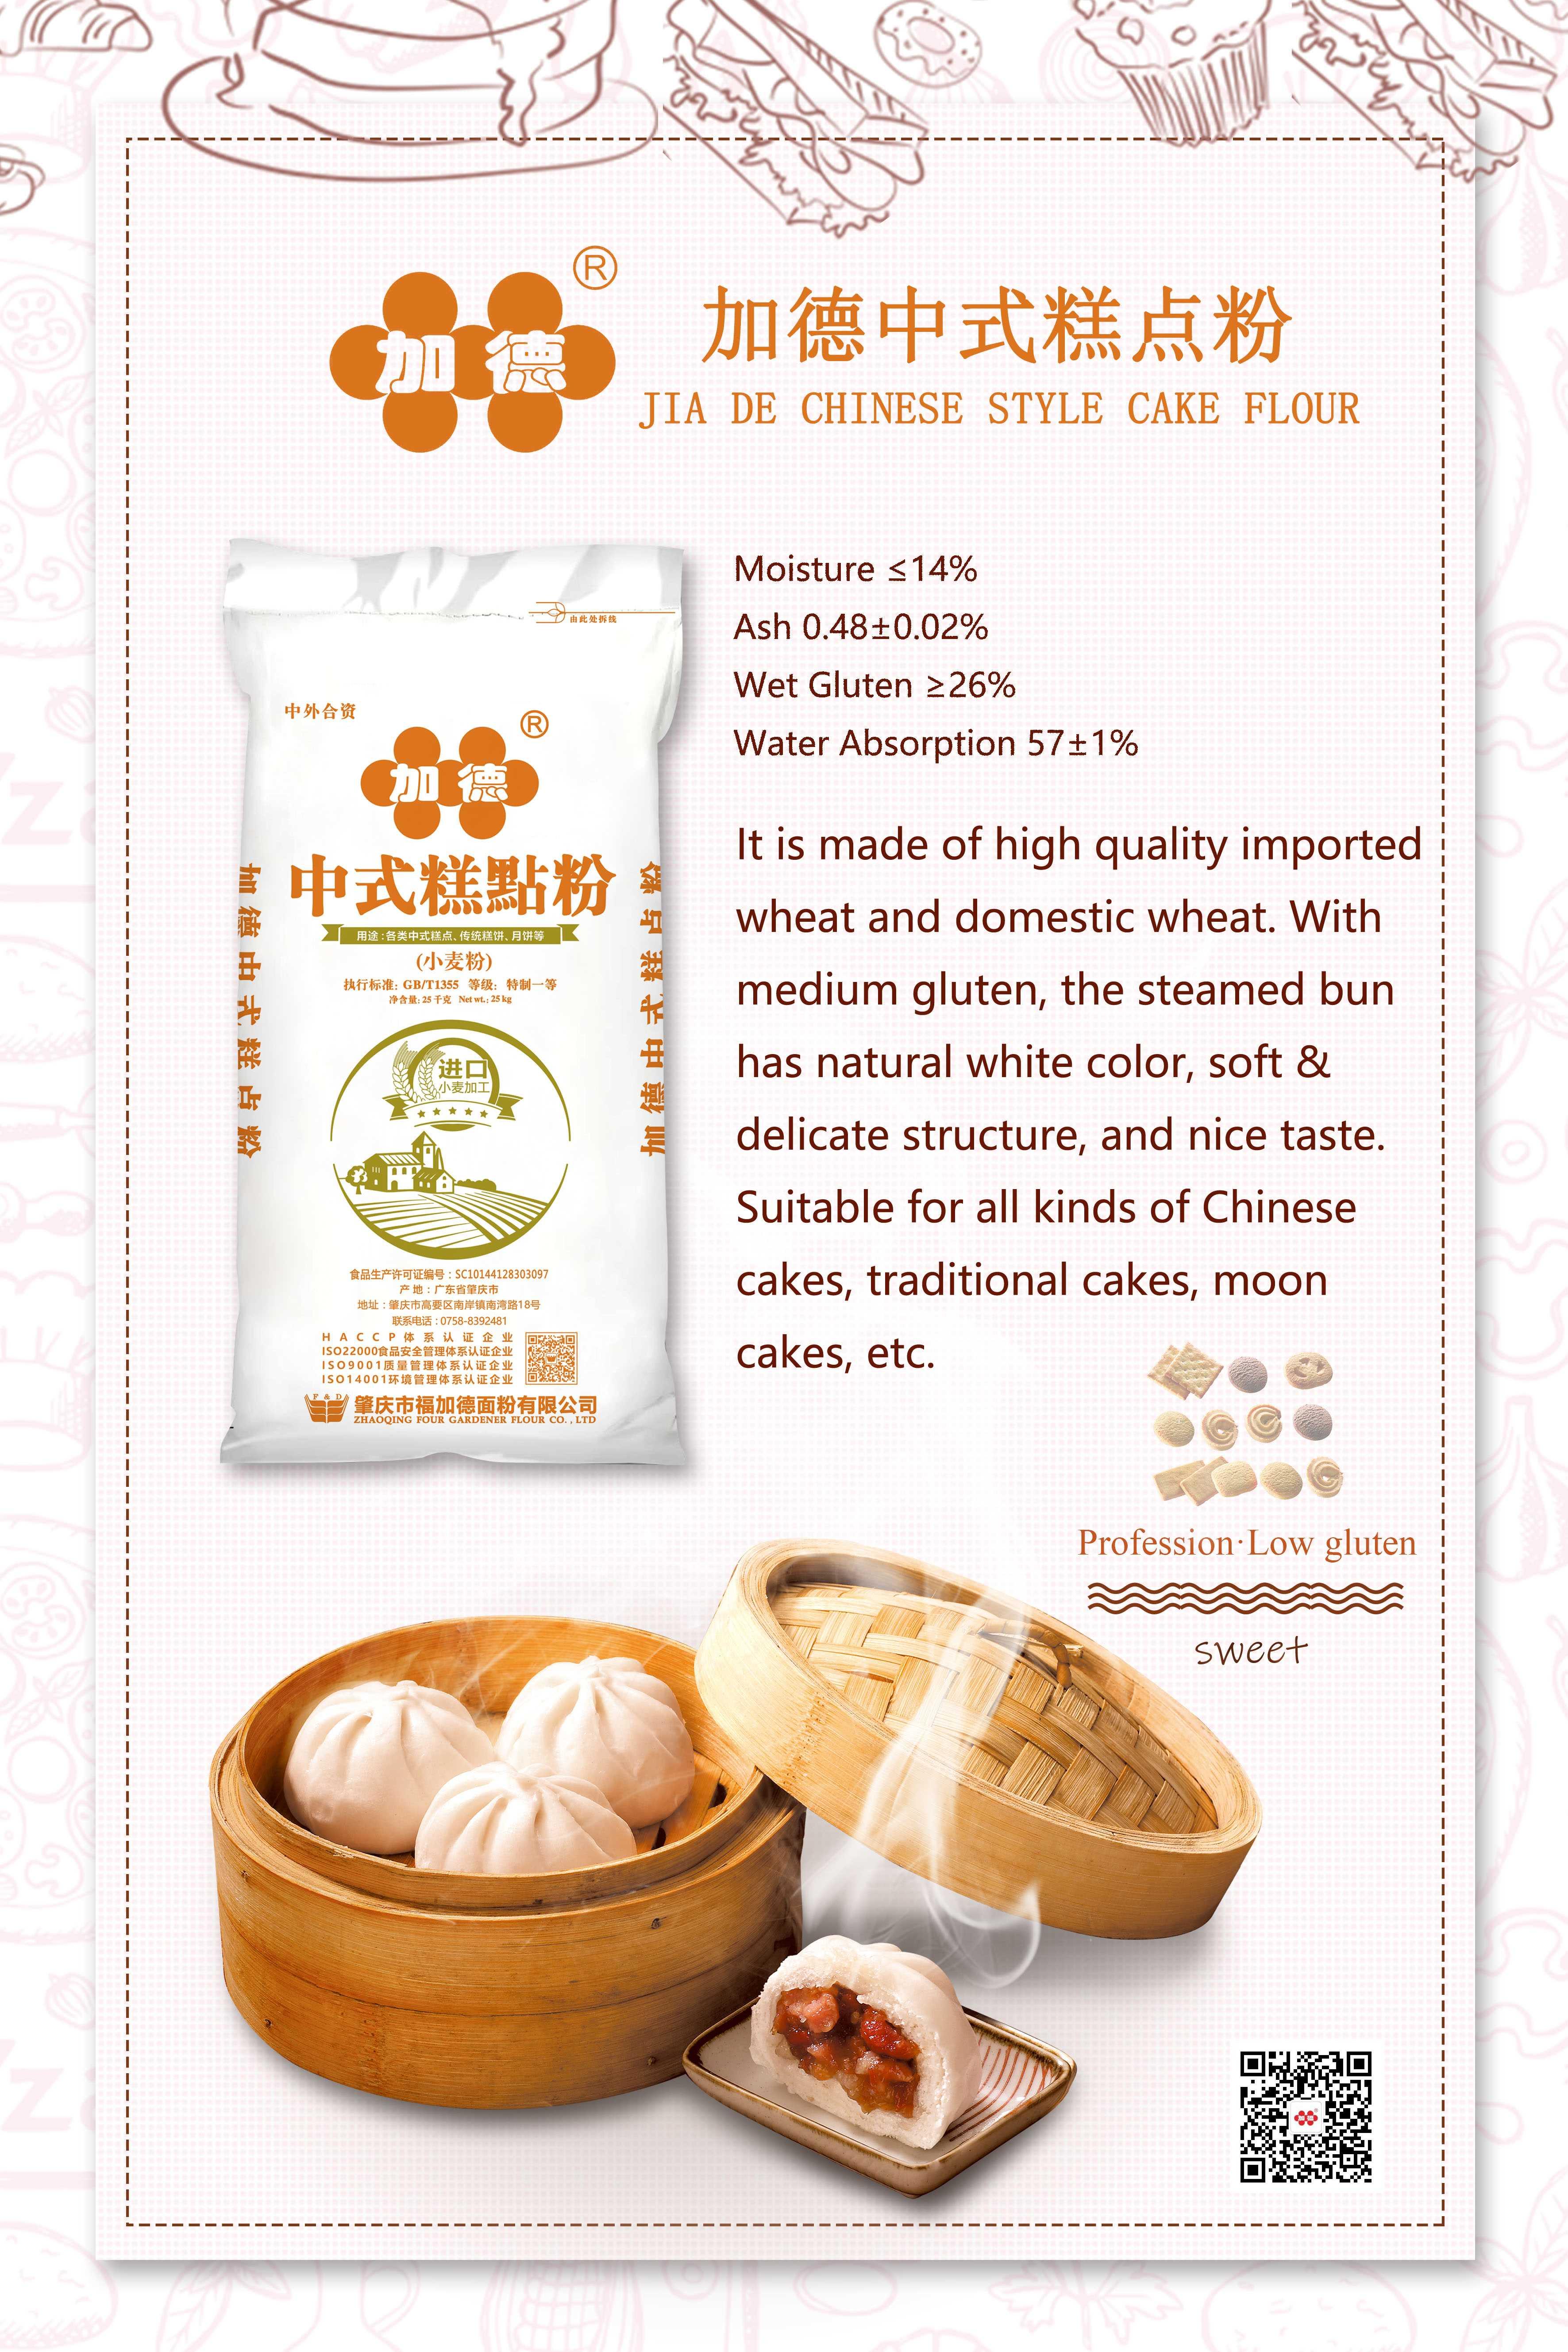 加德中式糕點粉-英文